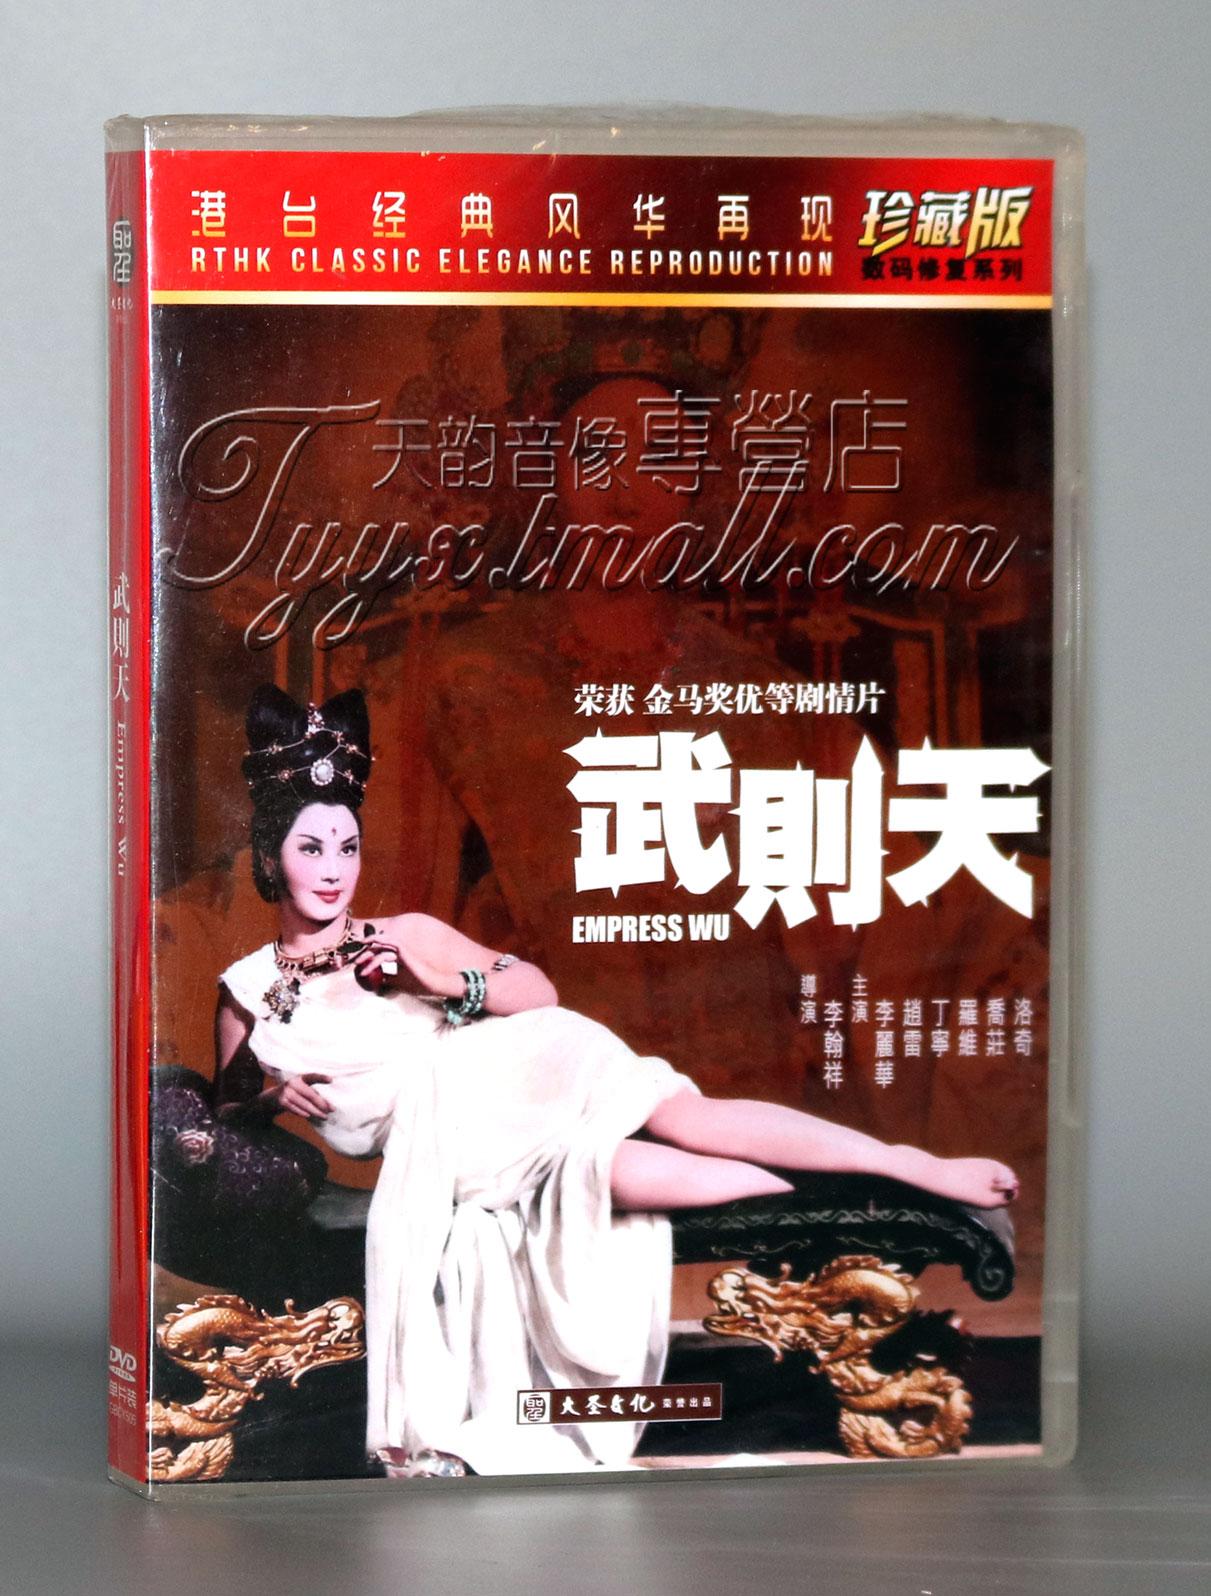 正版香港经典老电影光盘 武则天 DVD碟片 李翰祥作品 李丽华